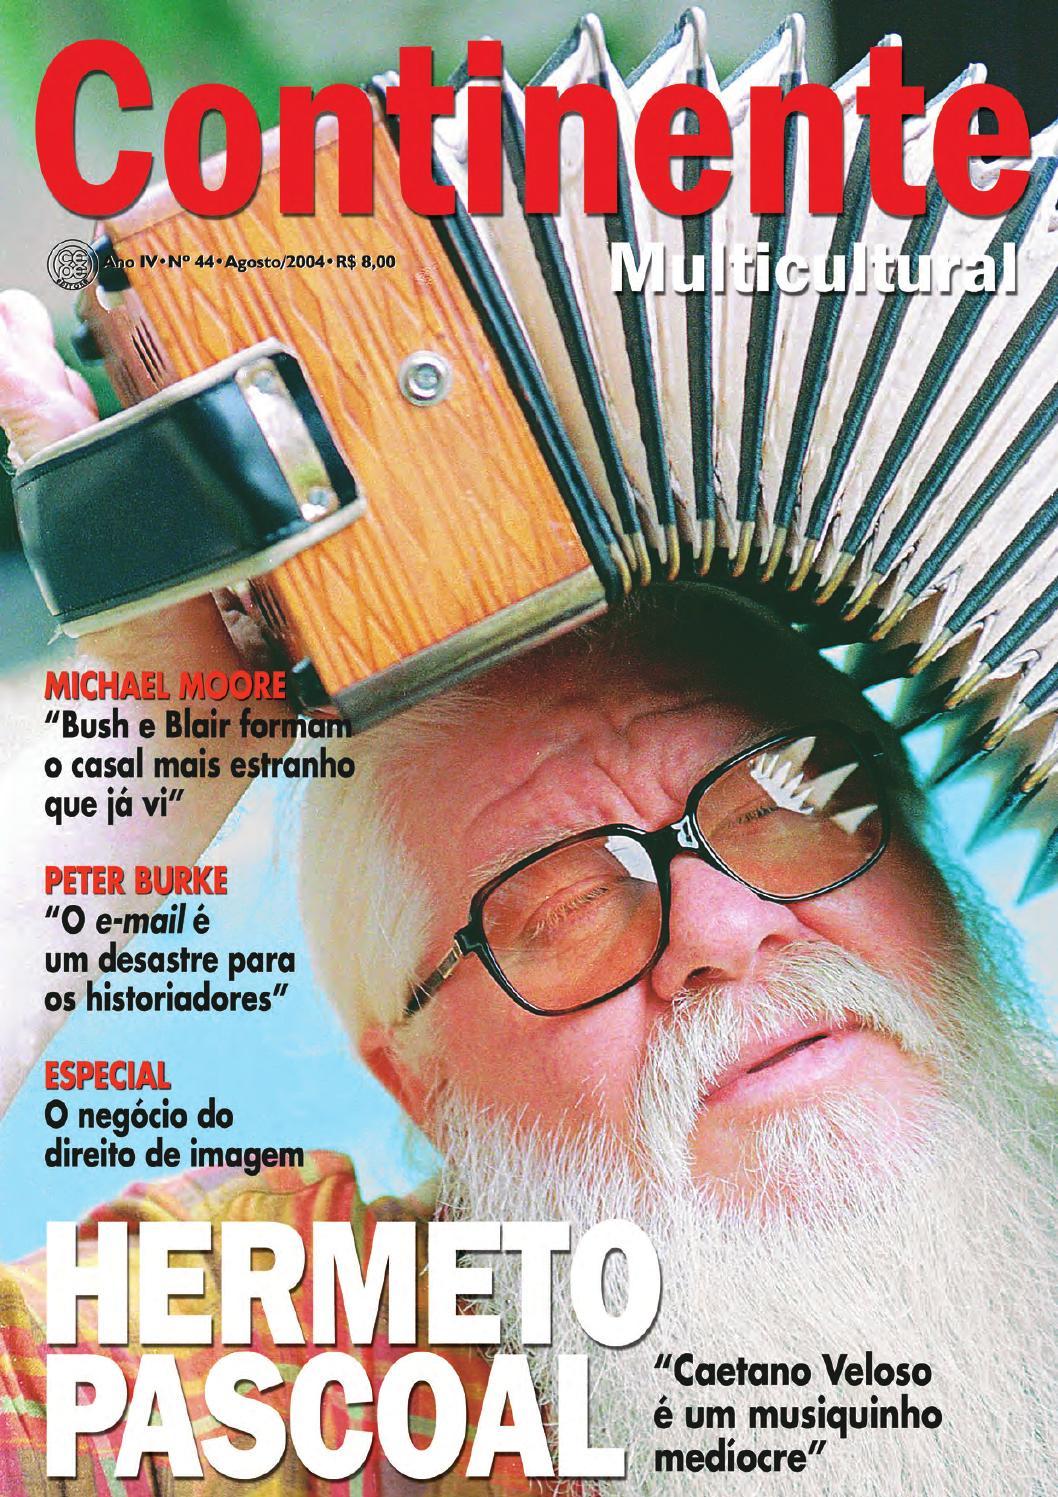 Continente  044 - Hermeto Pascoal by Revista Continente - issuu 9f0dba35a6